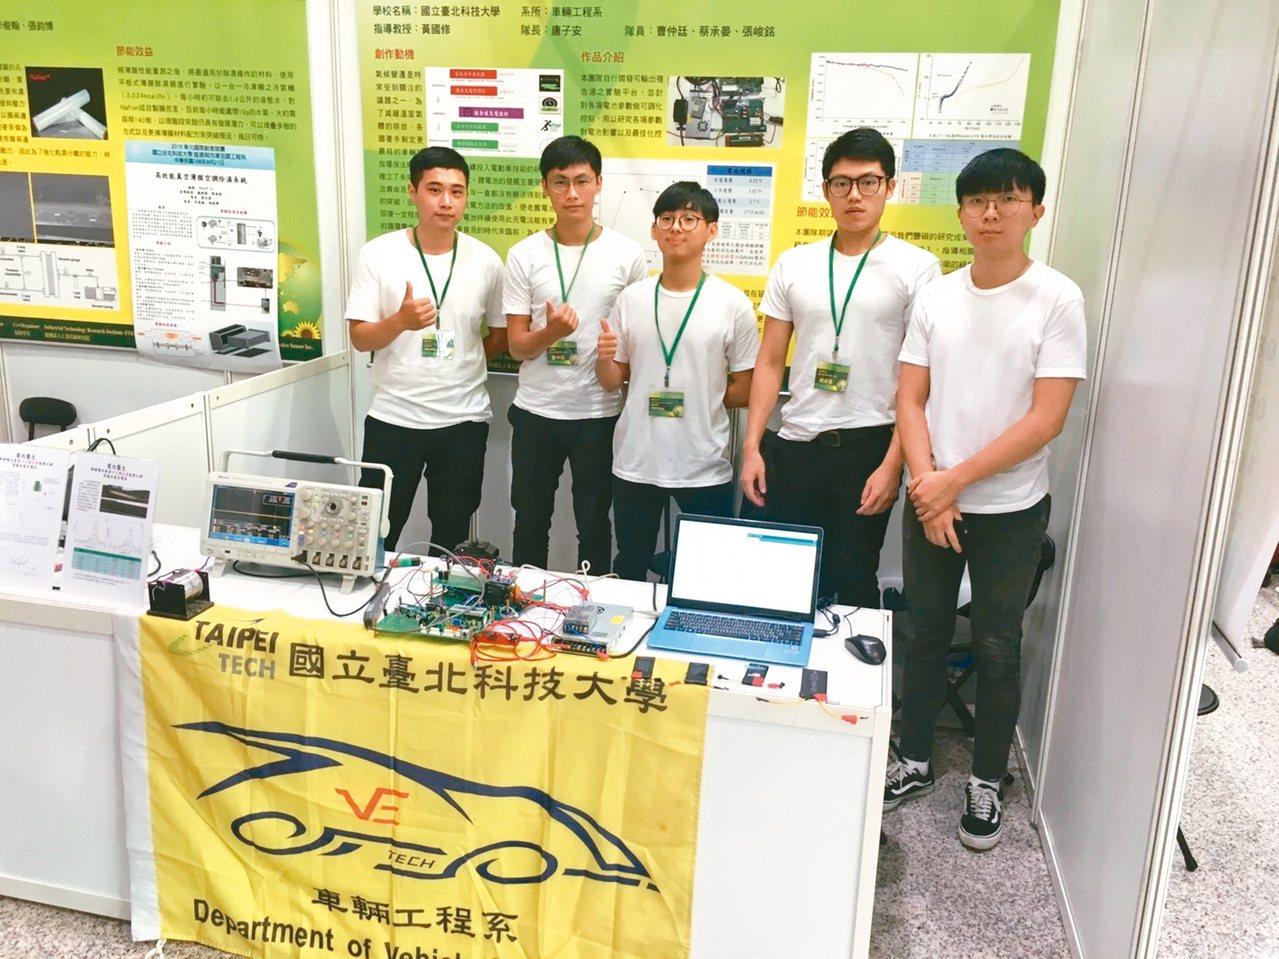 北科大車輛工程系團隊研發可延緩鋰電池老化的技術,奪Green Tech主競賽冠軍...